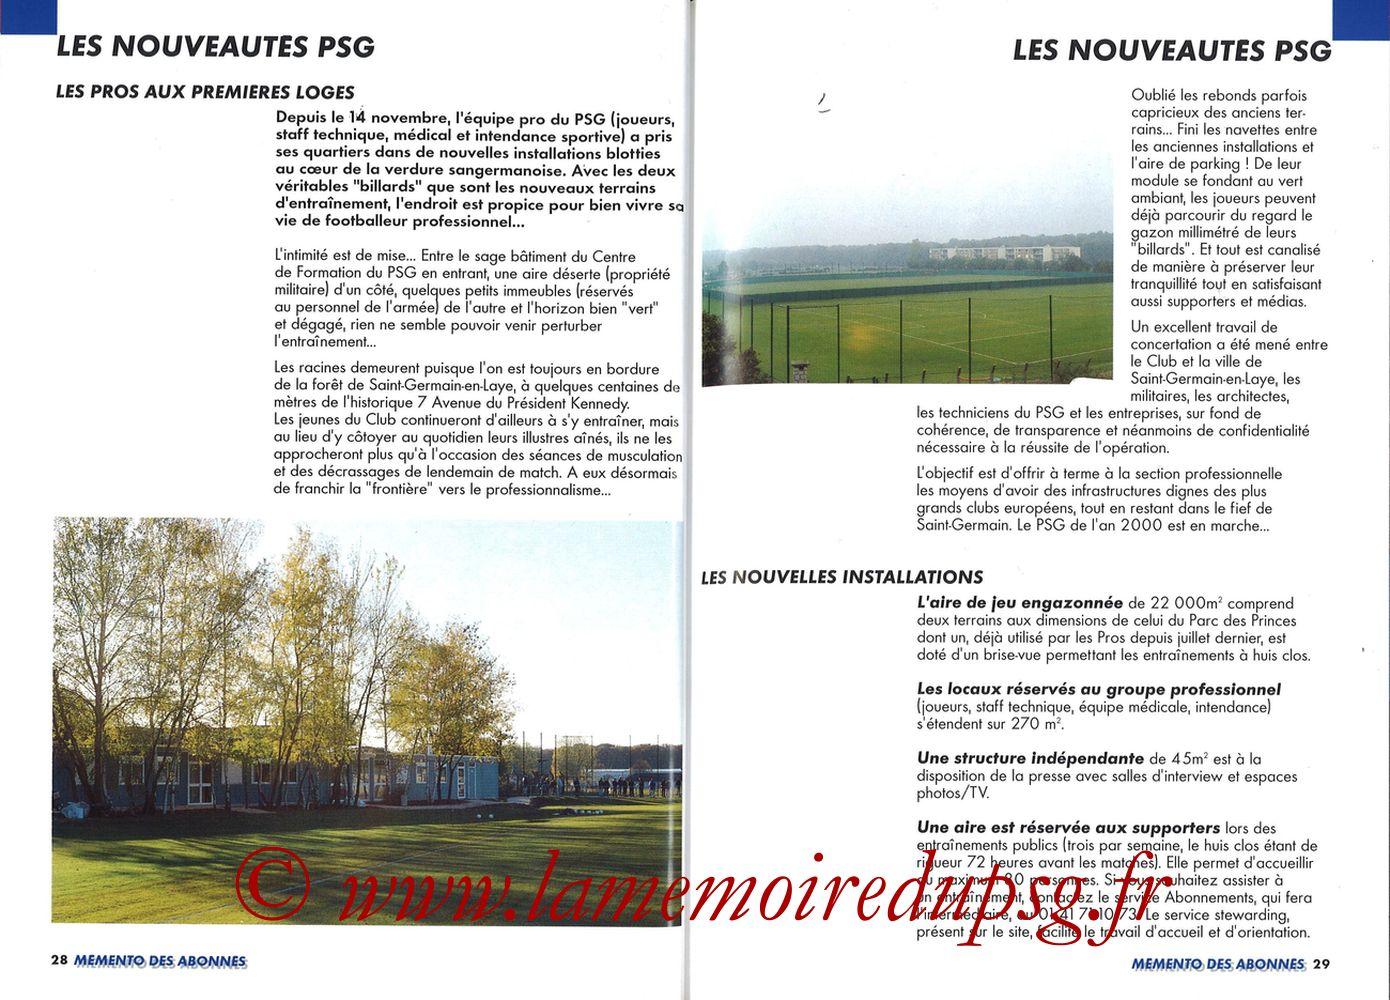 1999-00 - Guide de la Saison PSG - Pages 28 et 29